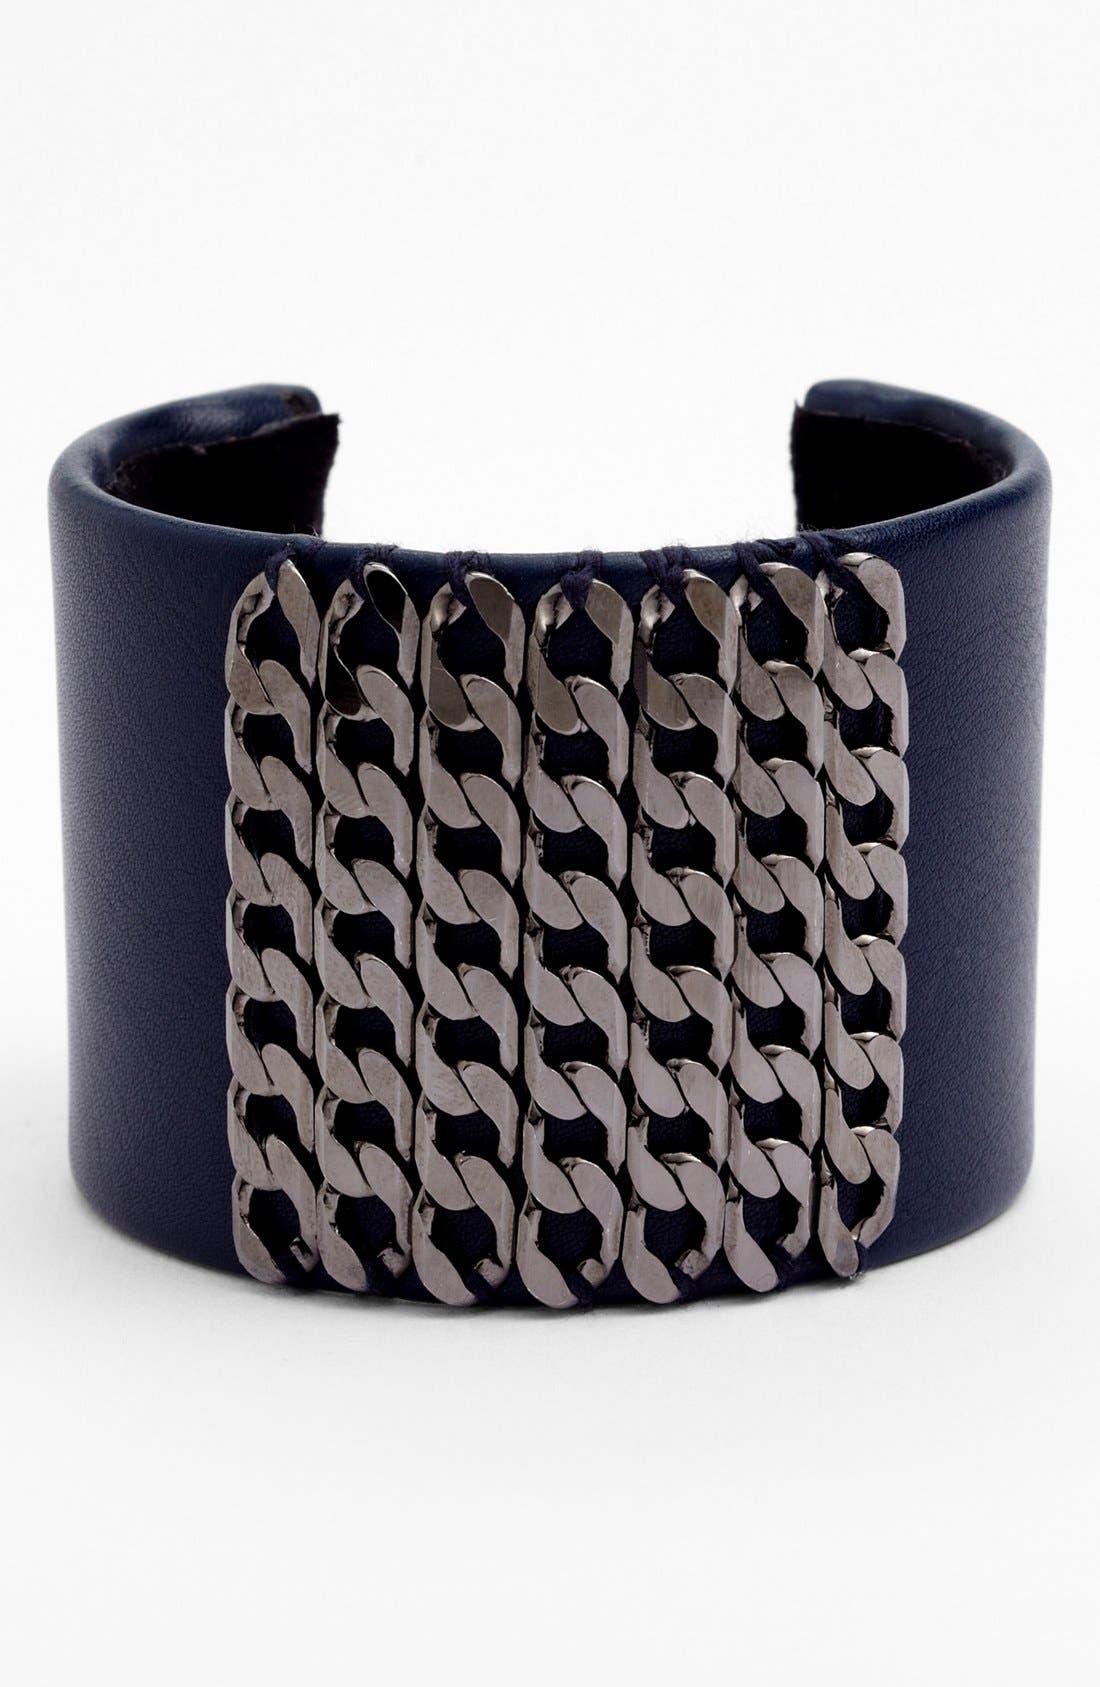 Main Image - Natasha Couture Chain Link Cuff